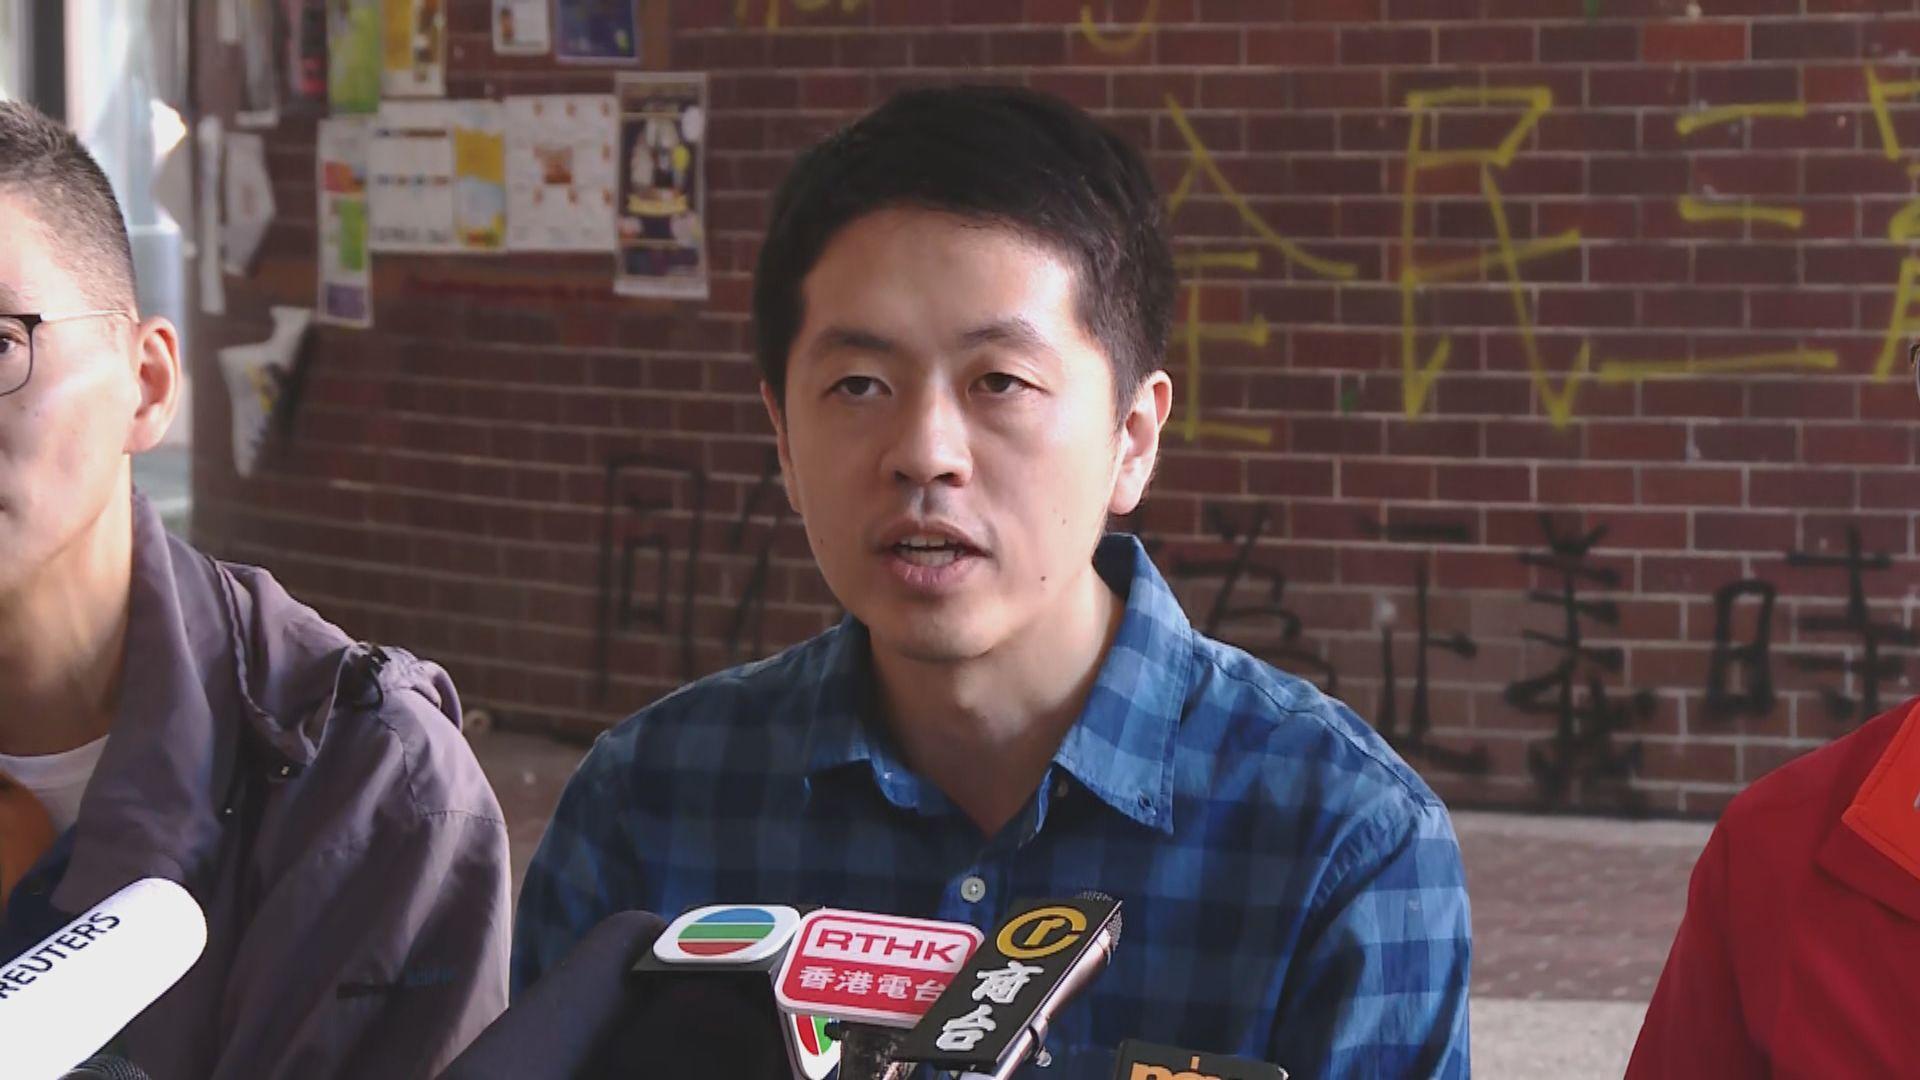 許智峯稱鄭麗琼被捕與社交媒體轉載內容有關